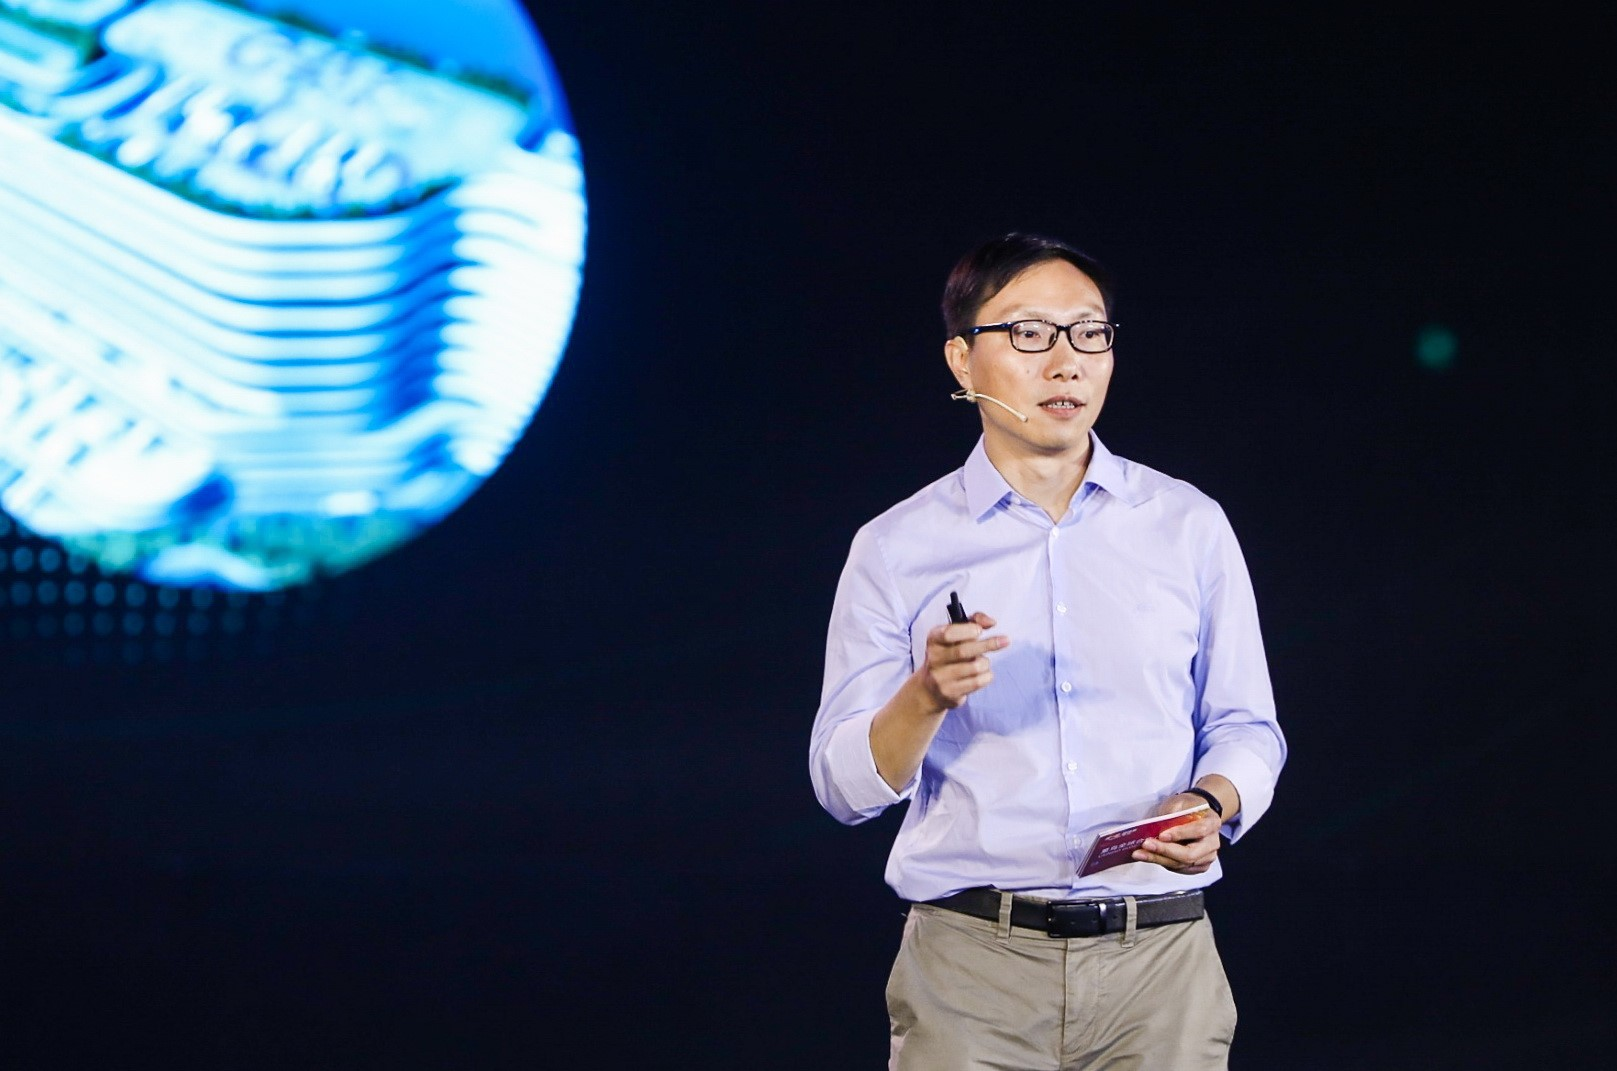 菜鸟骨干网新数字化计划:三年创造500亿元新价值